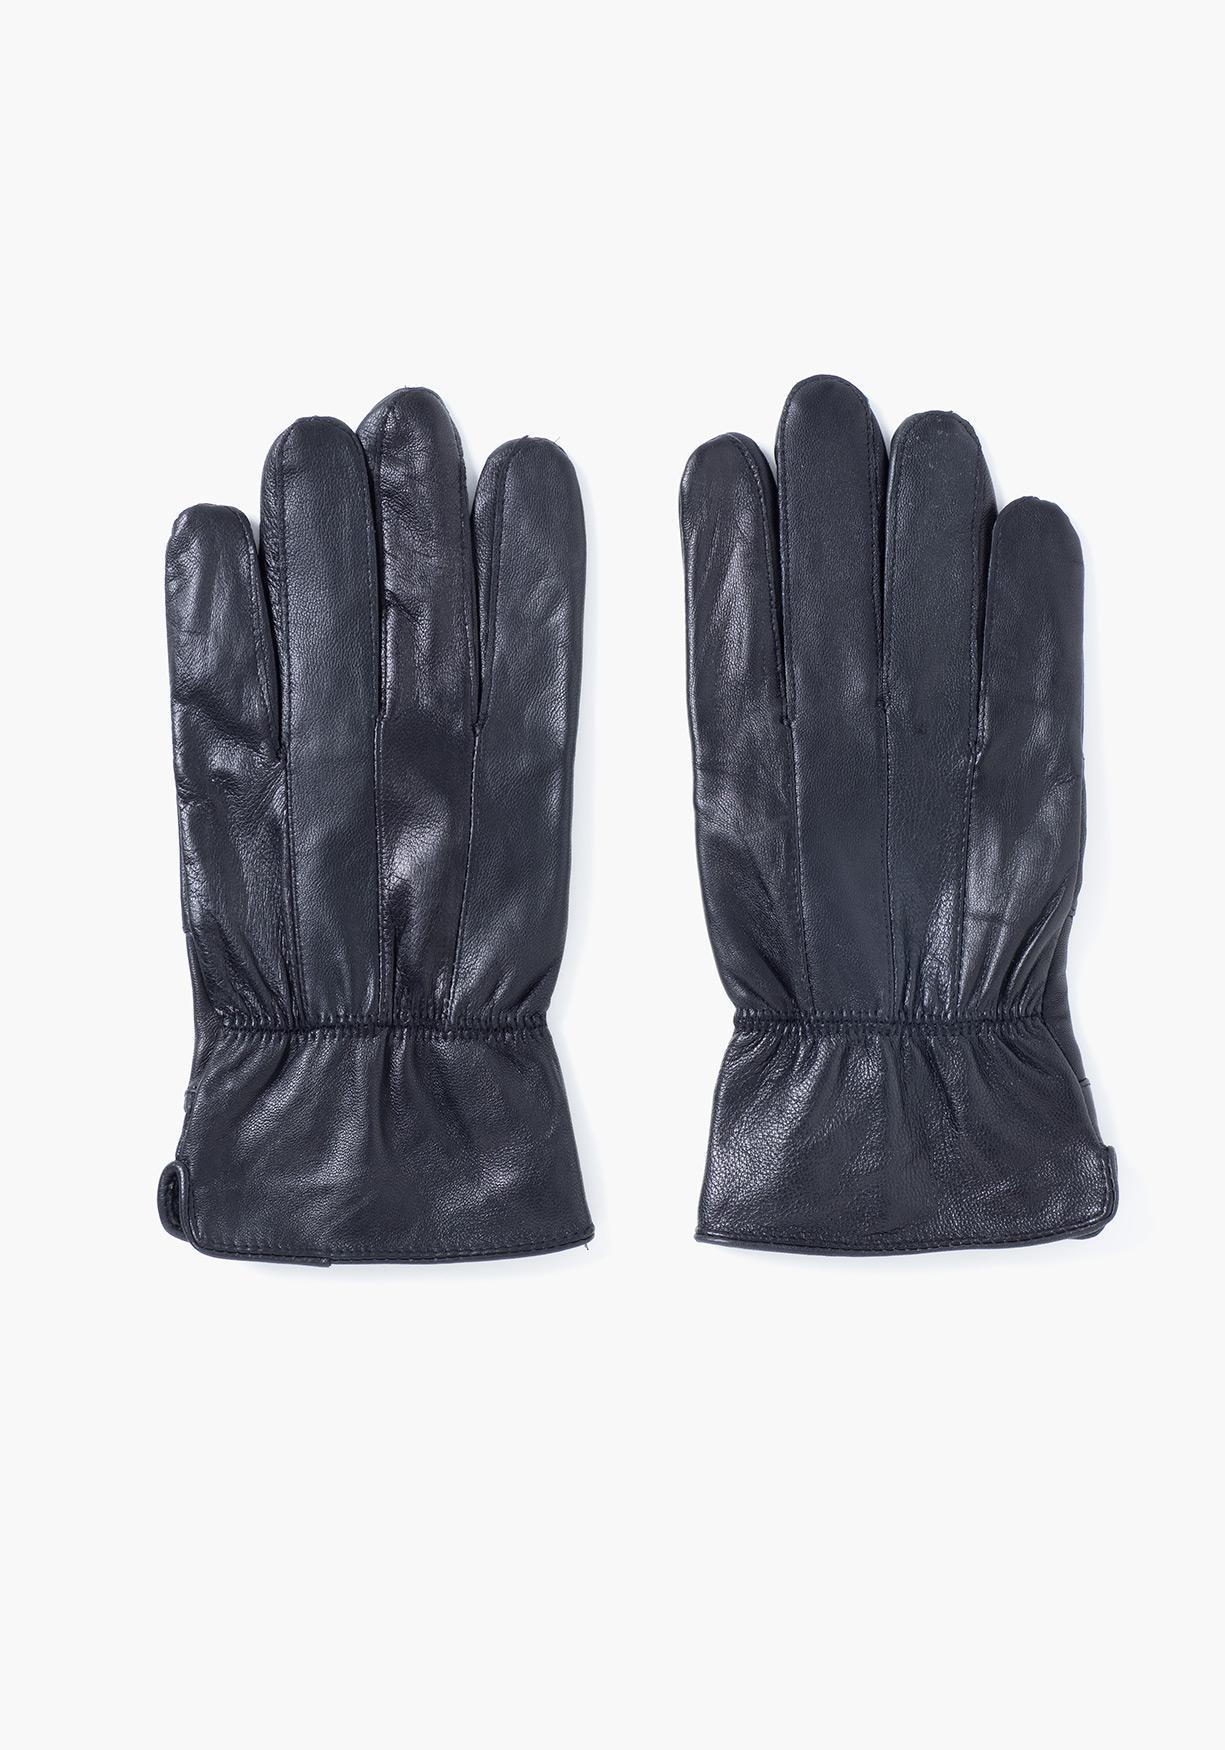 Ofertas en moda tu tienda de ropa online en carrefour tex for Guantes de piel madrid